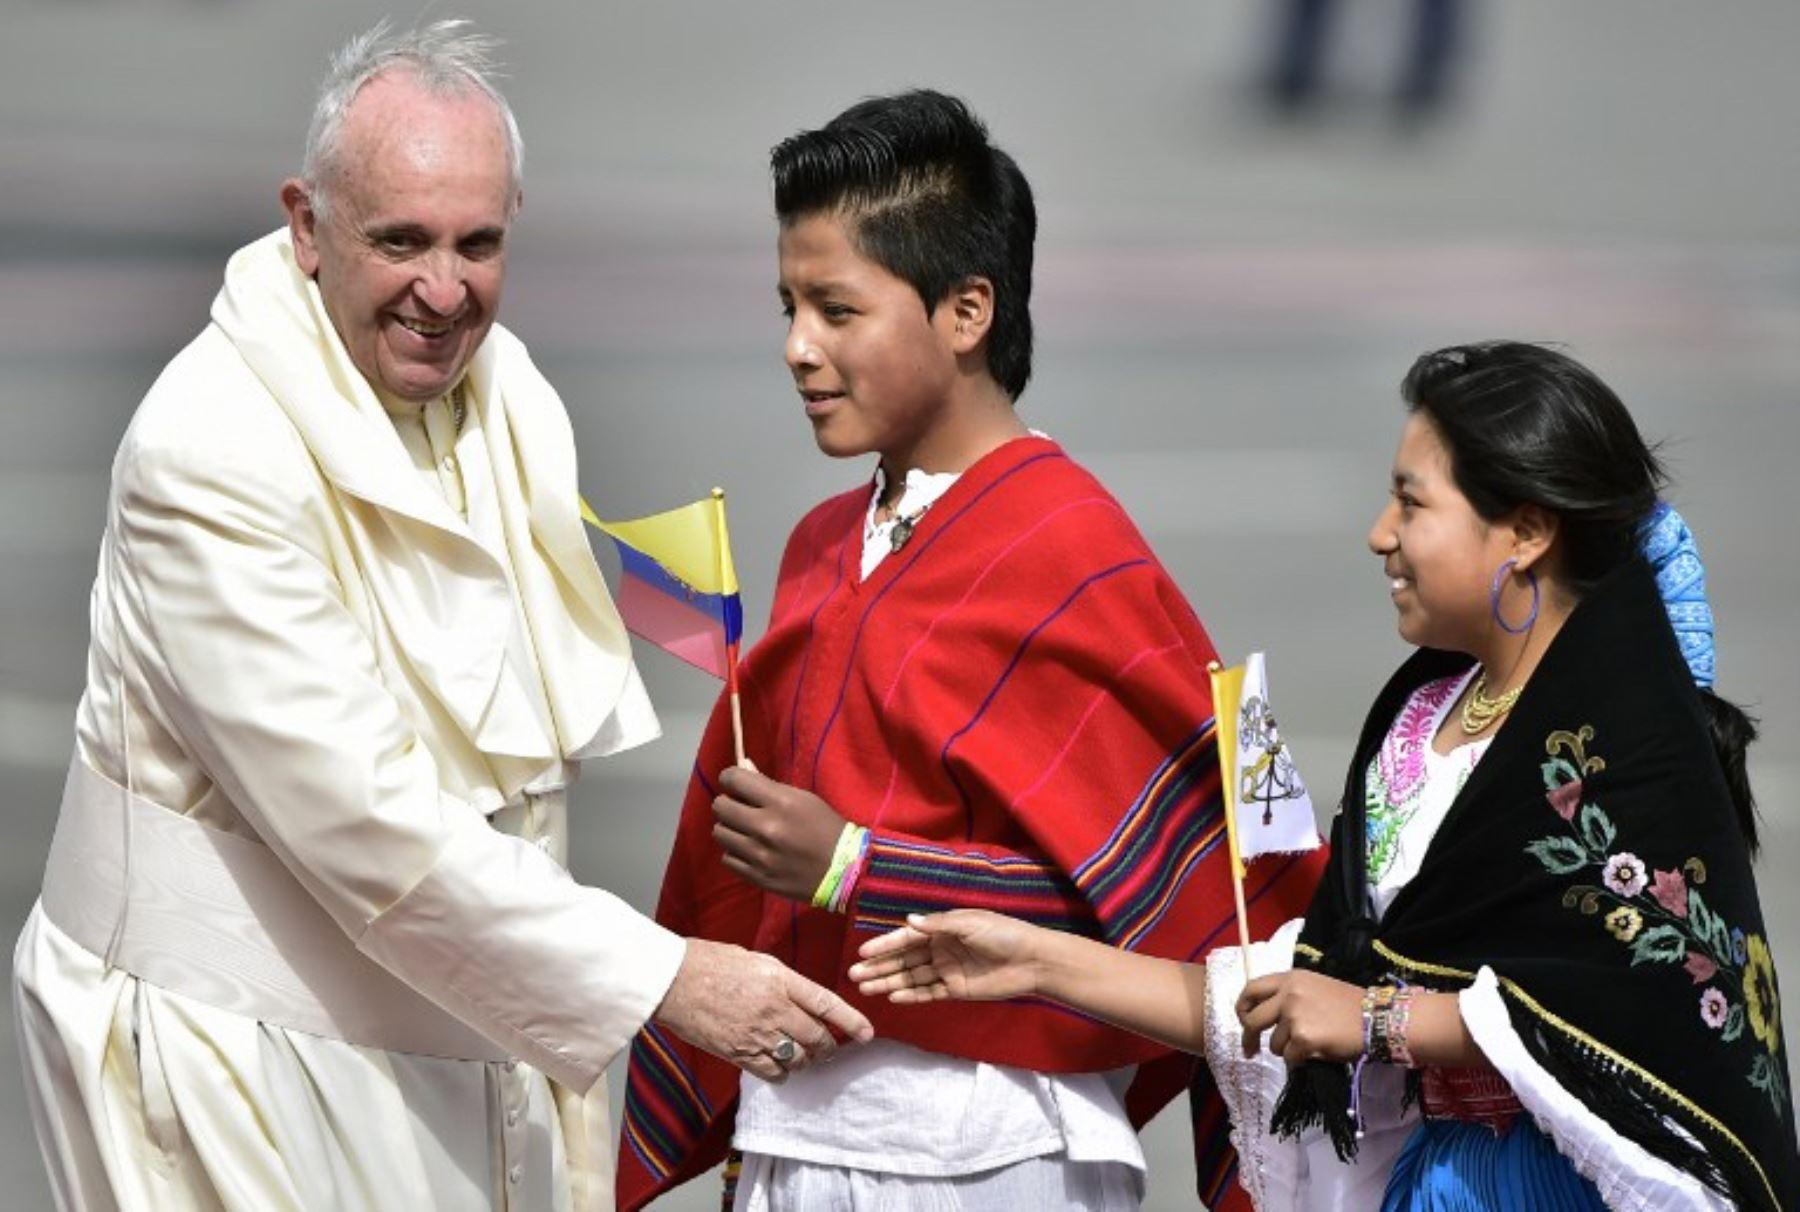 El papa Francisco llegó este domingo a Quito en el inicio de la gira sudamericana después de dos años, y en la que también visitará Bolivia y Paraguay.Foto:AFP